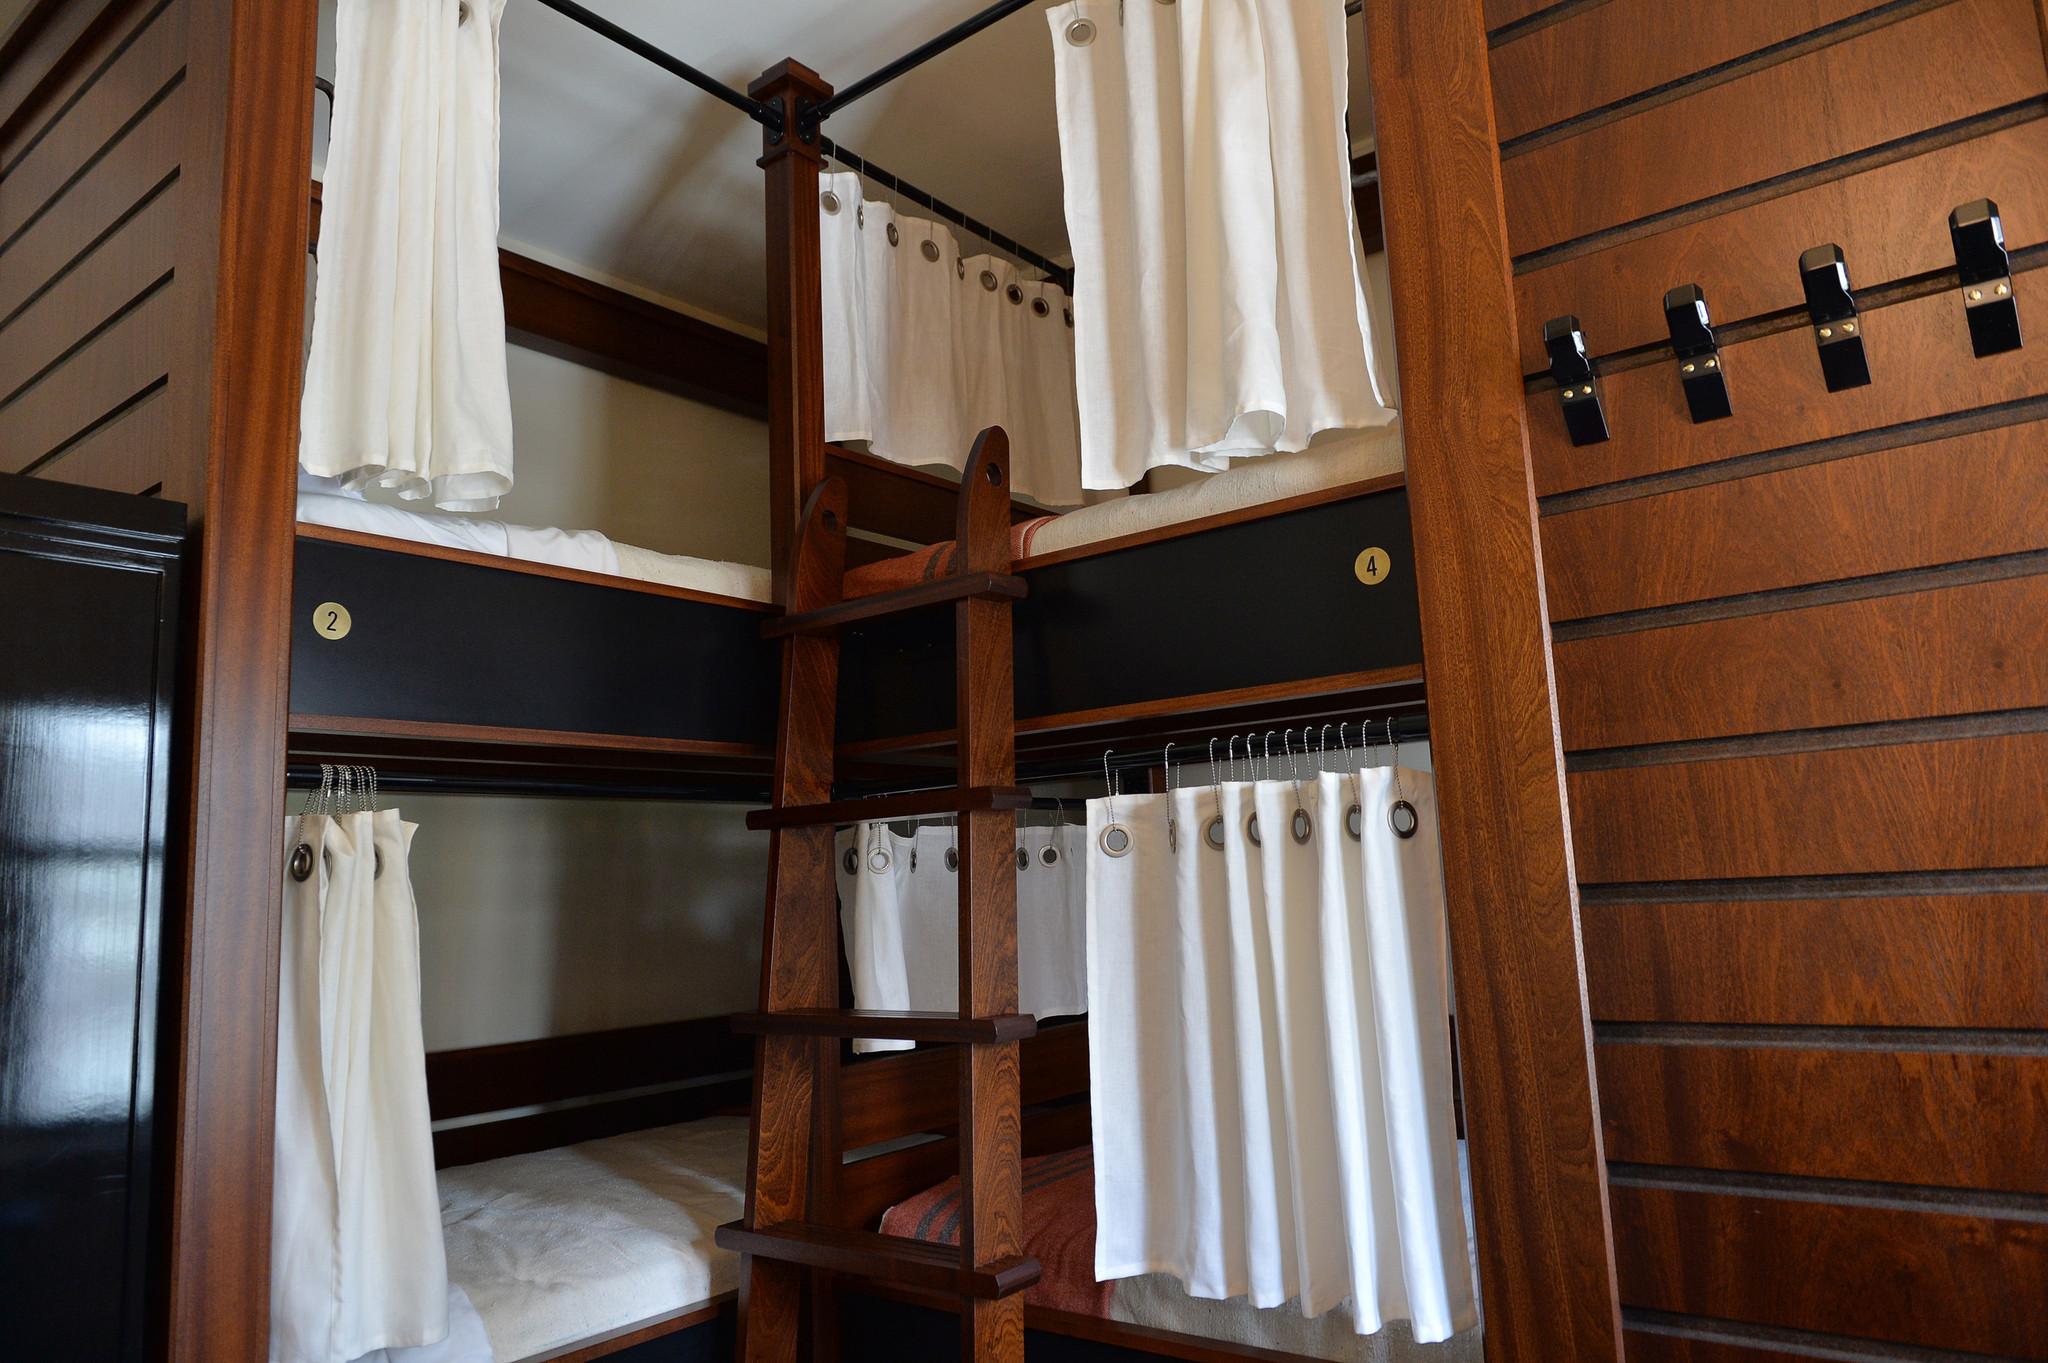 Hostels Offer Cheap Lodging Around Chicago Redeye Chicago